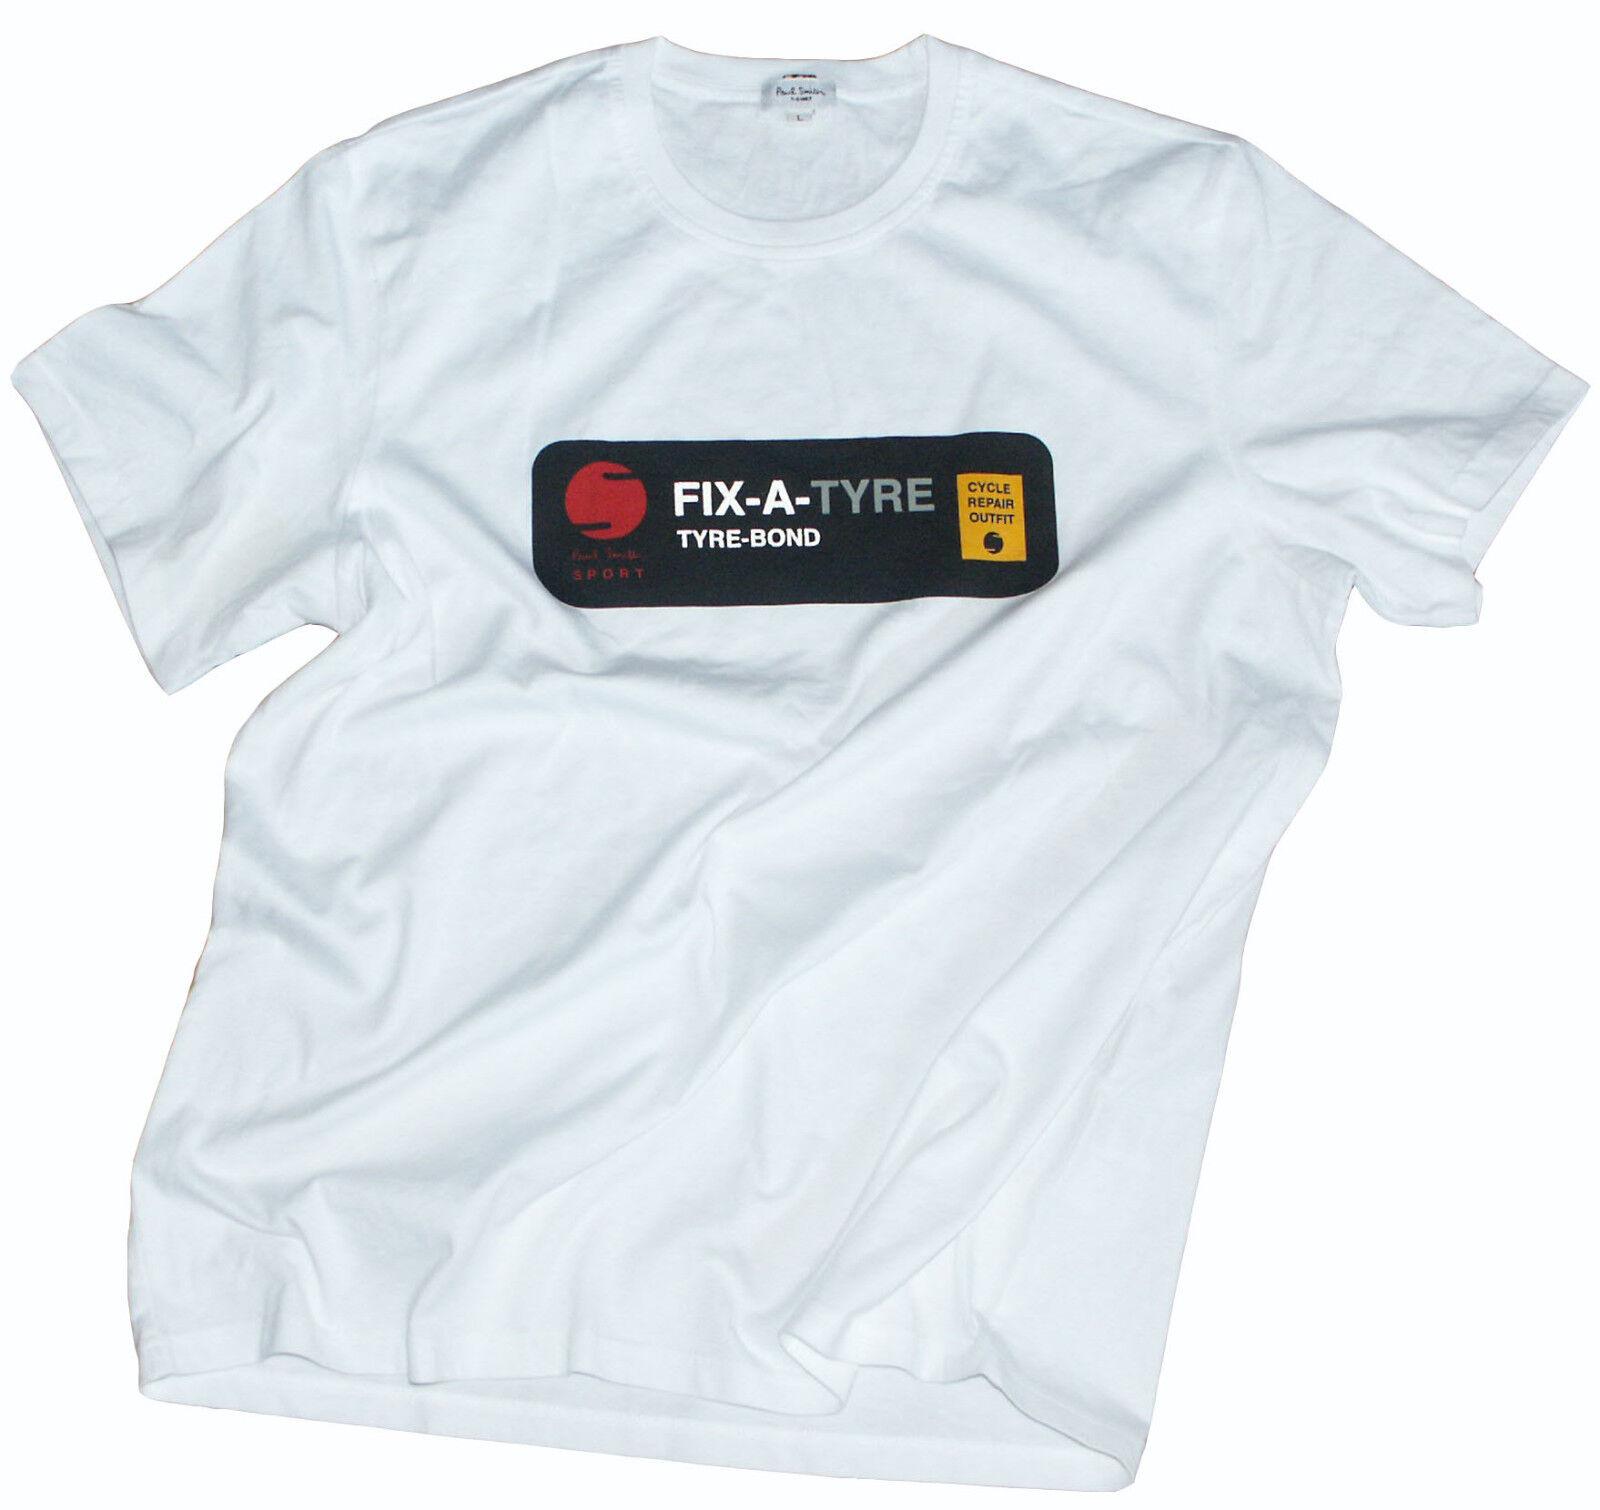 Paul Smith leggero 100% COTONE T-shirt top nuovo con etichetta molto raro SZ-LARGE